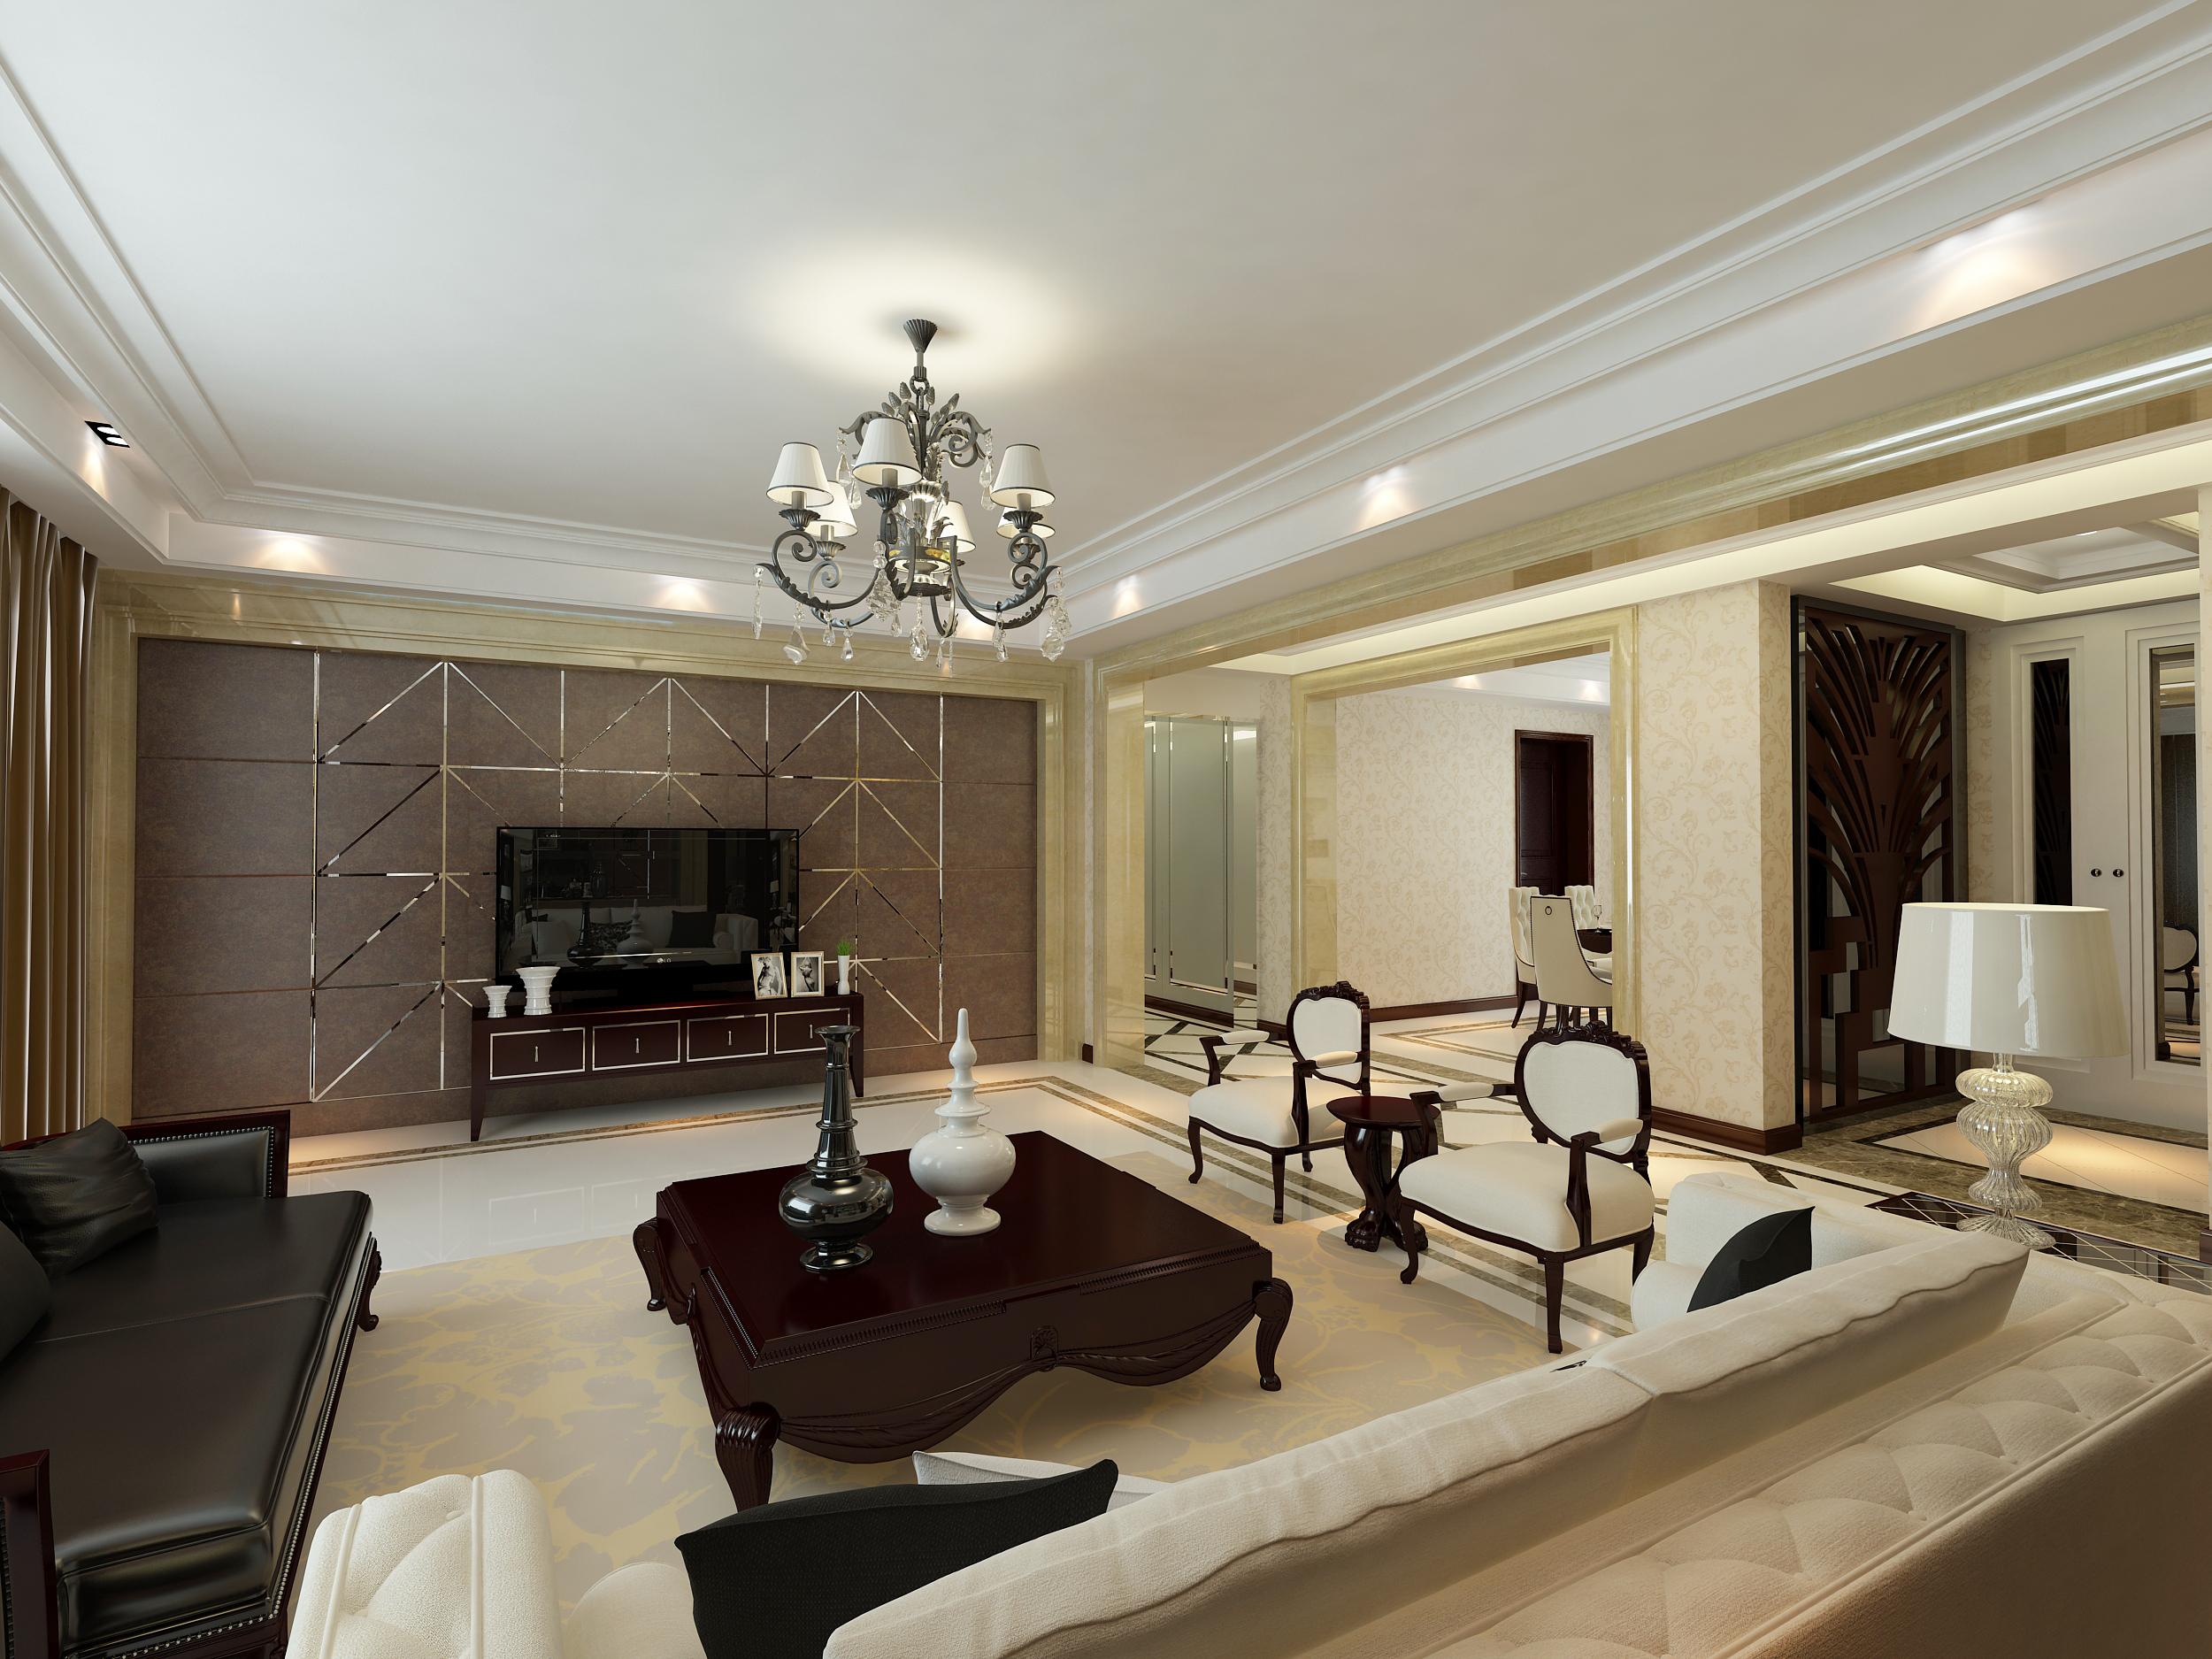 怡丰森林湖155平方4室2厅简欧风格客厅装修效果图